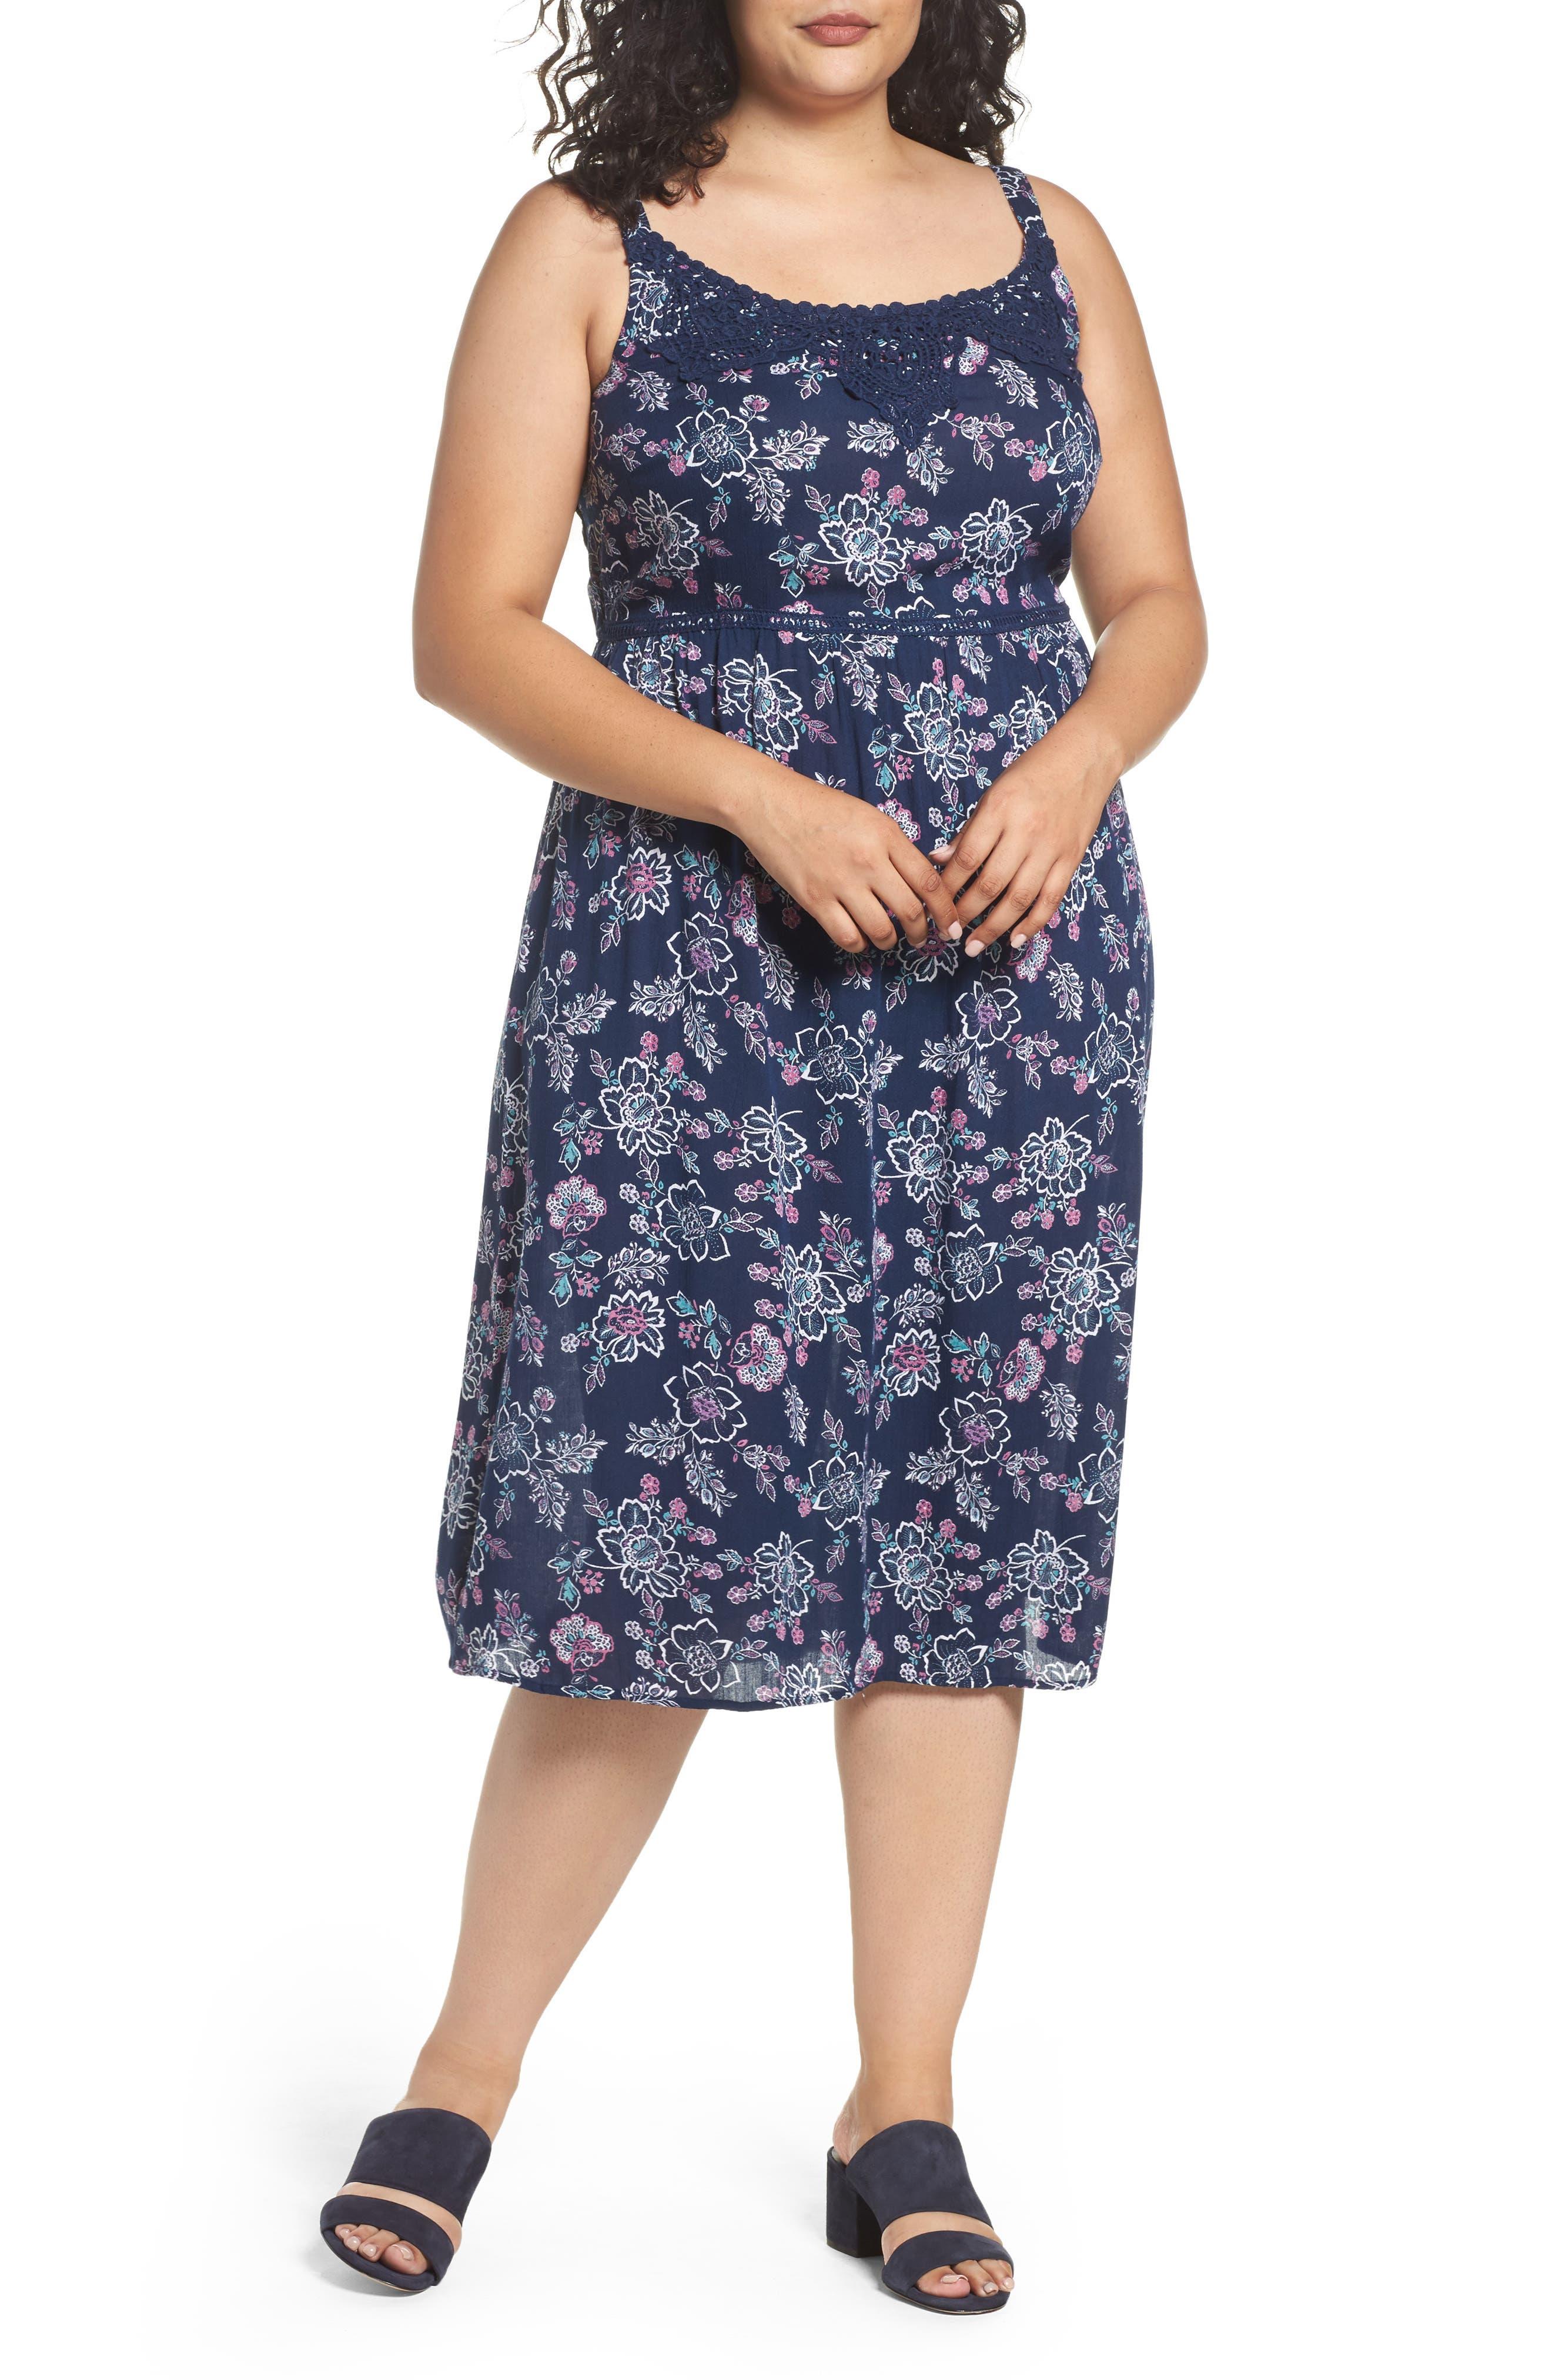 Alternate Image 1 Selected - Evans Floral Print Crochet Trim Dress (Plus Size)